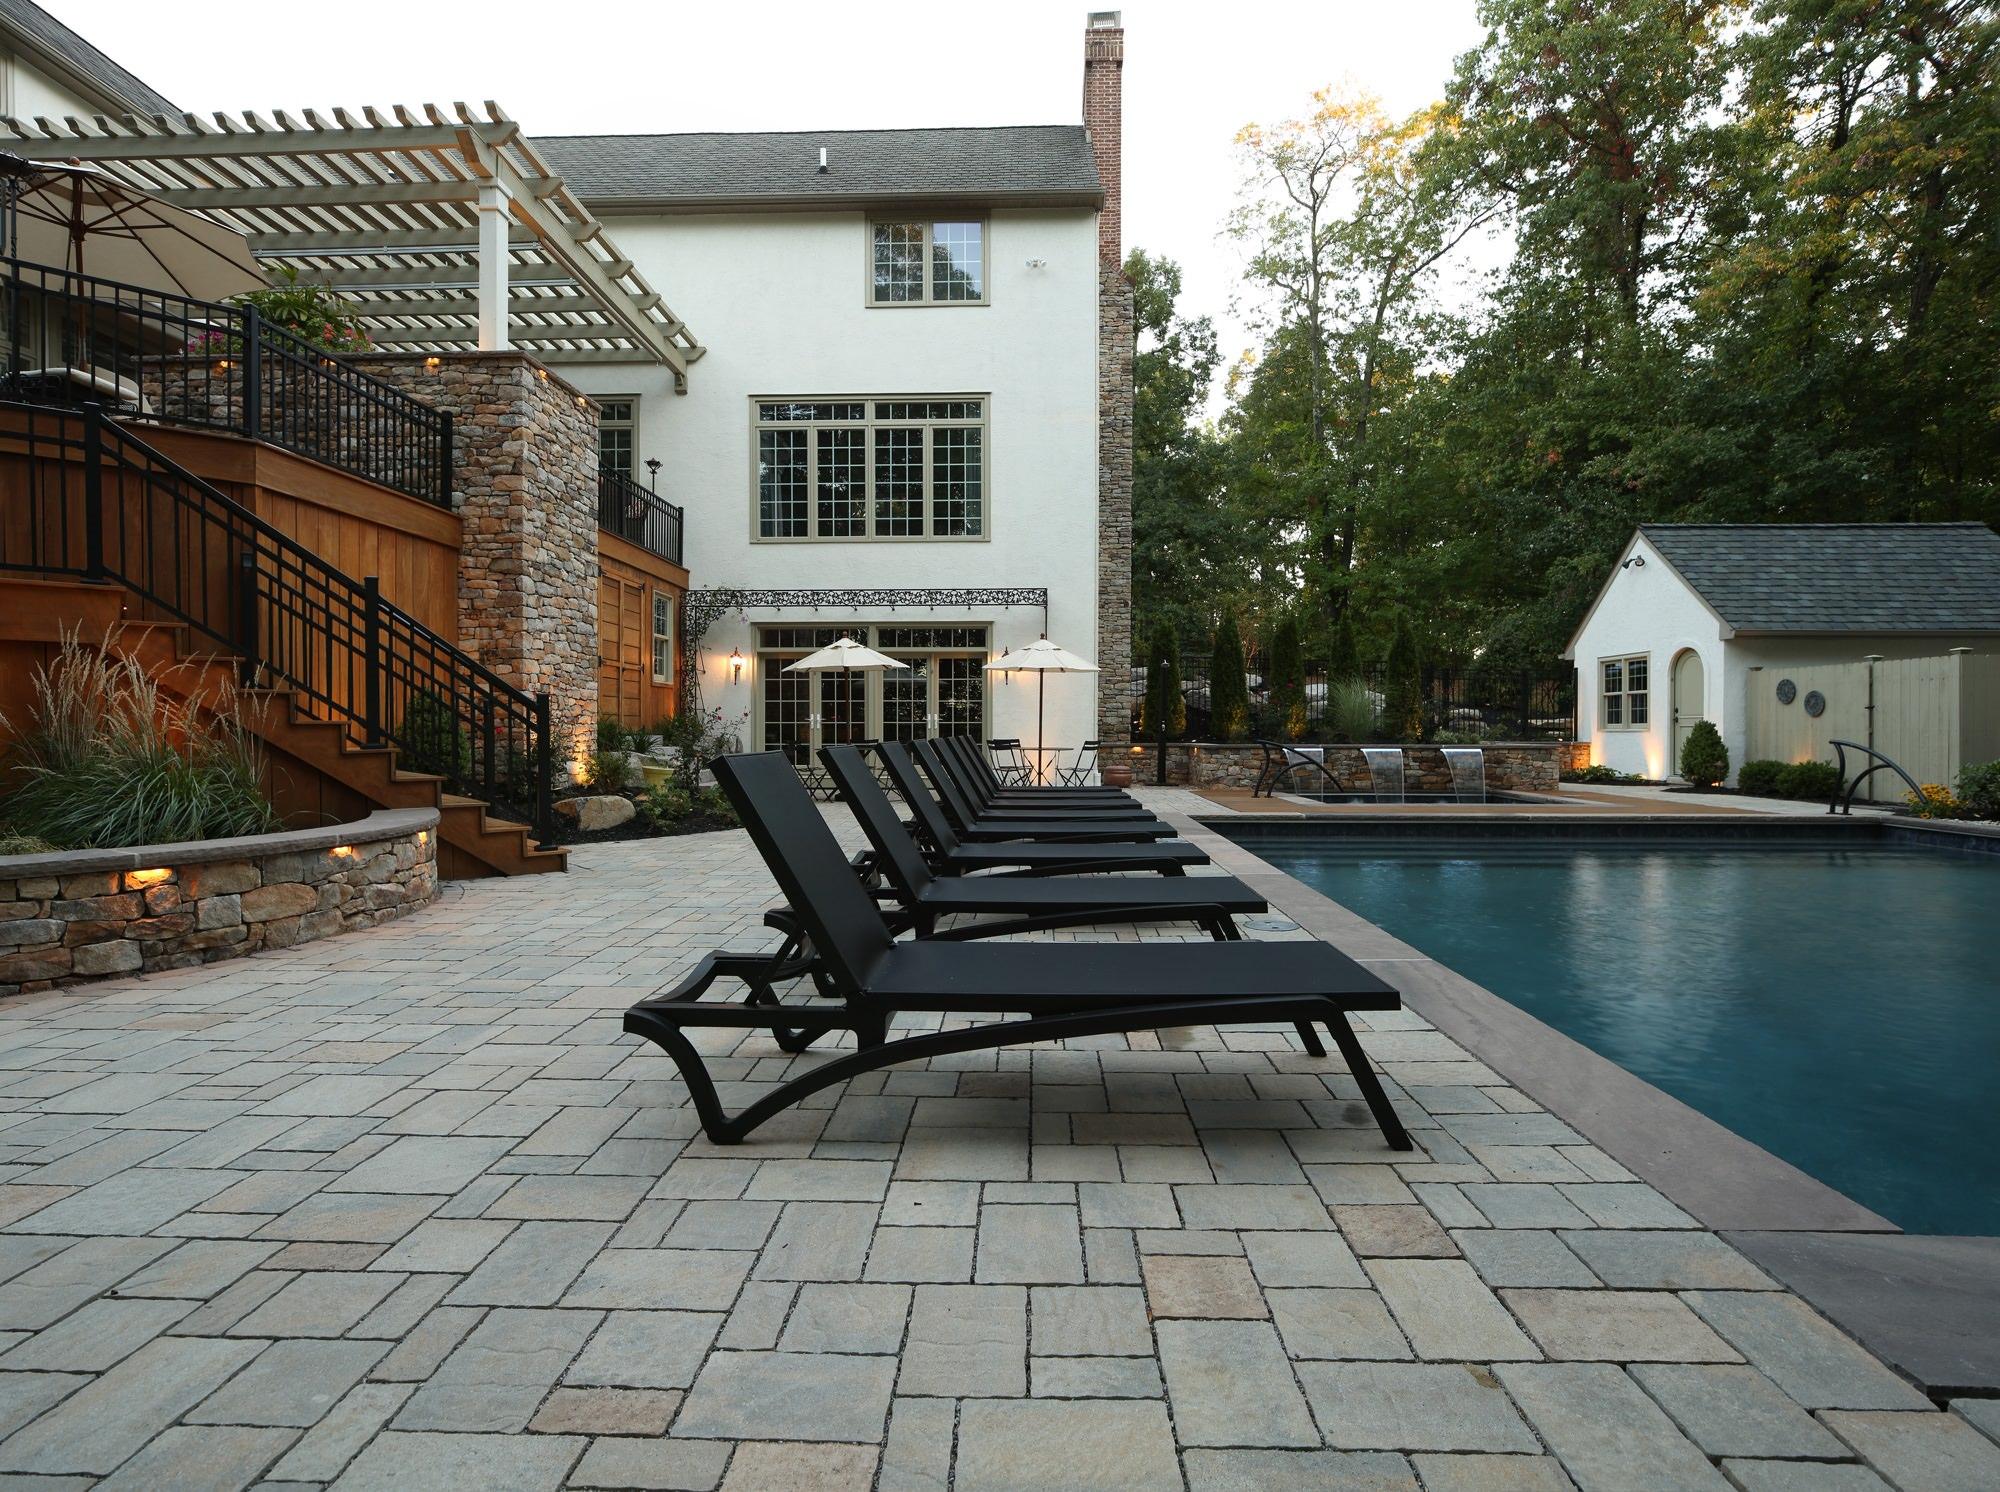 Kalimtzis Residence « MasterPLAN Outdoor Living on Masterplan Outdoor Living id=13759